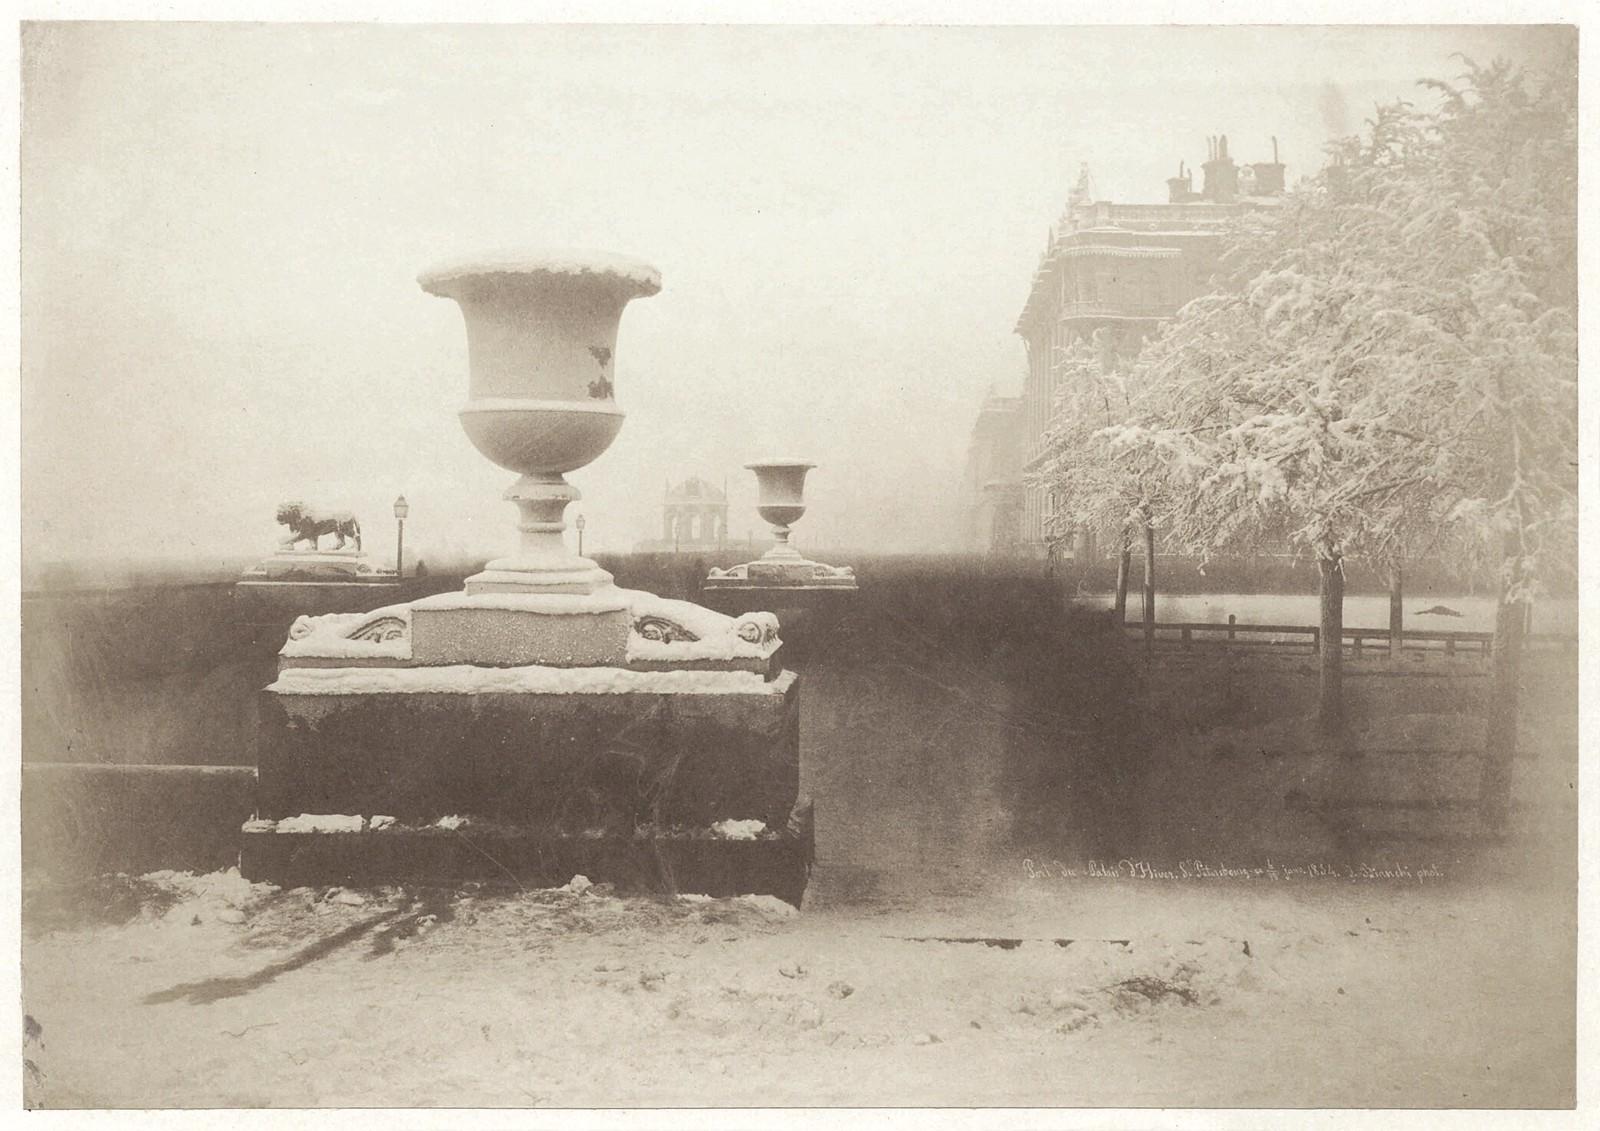 Адмиралтейская набережная. Дворцовая пристань со львами у восточного павильона Адмиралтейства. 1854